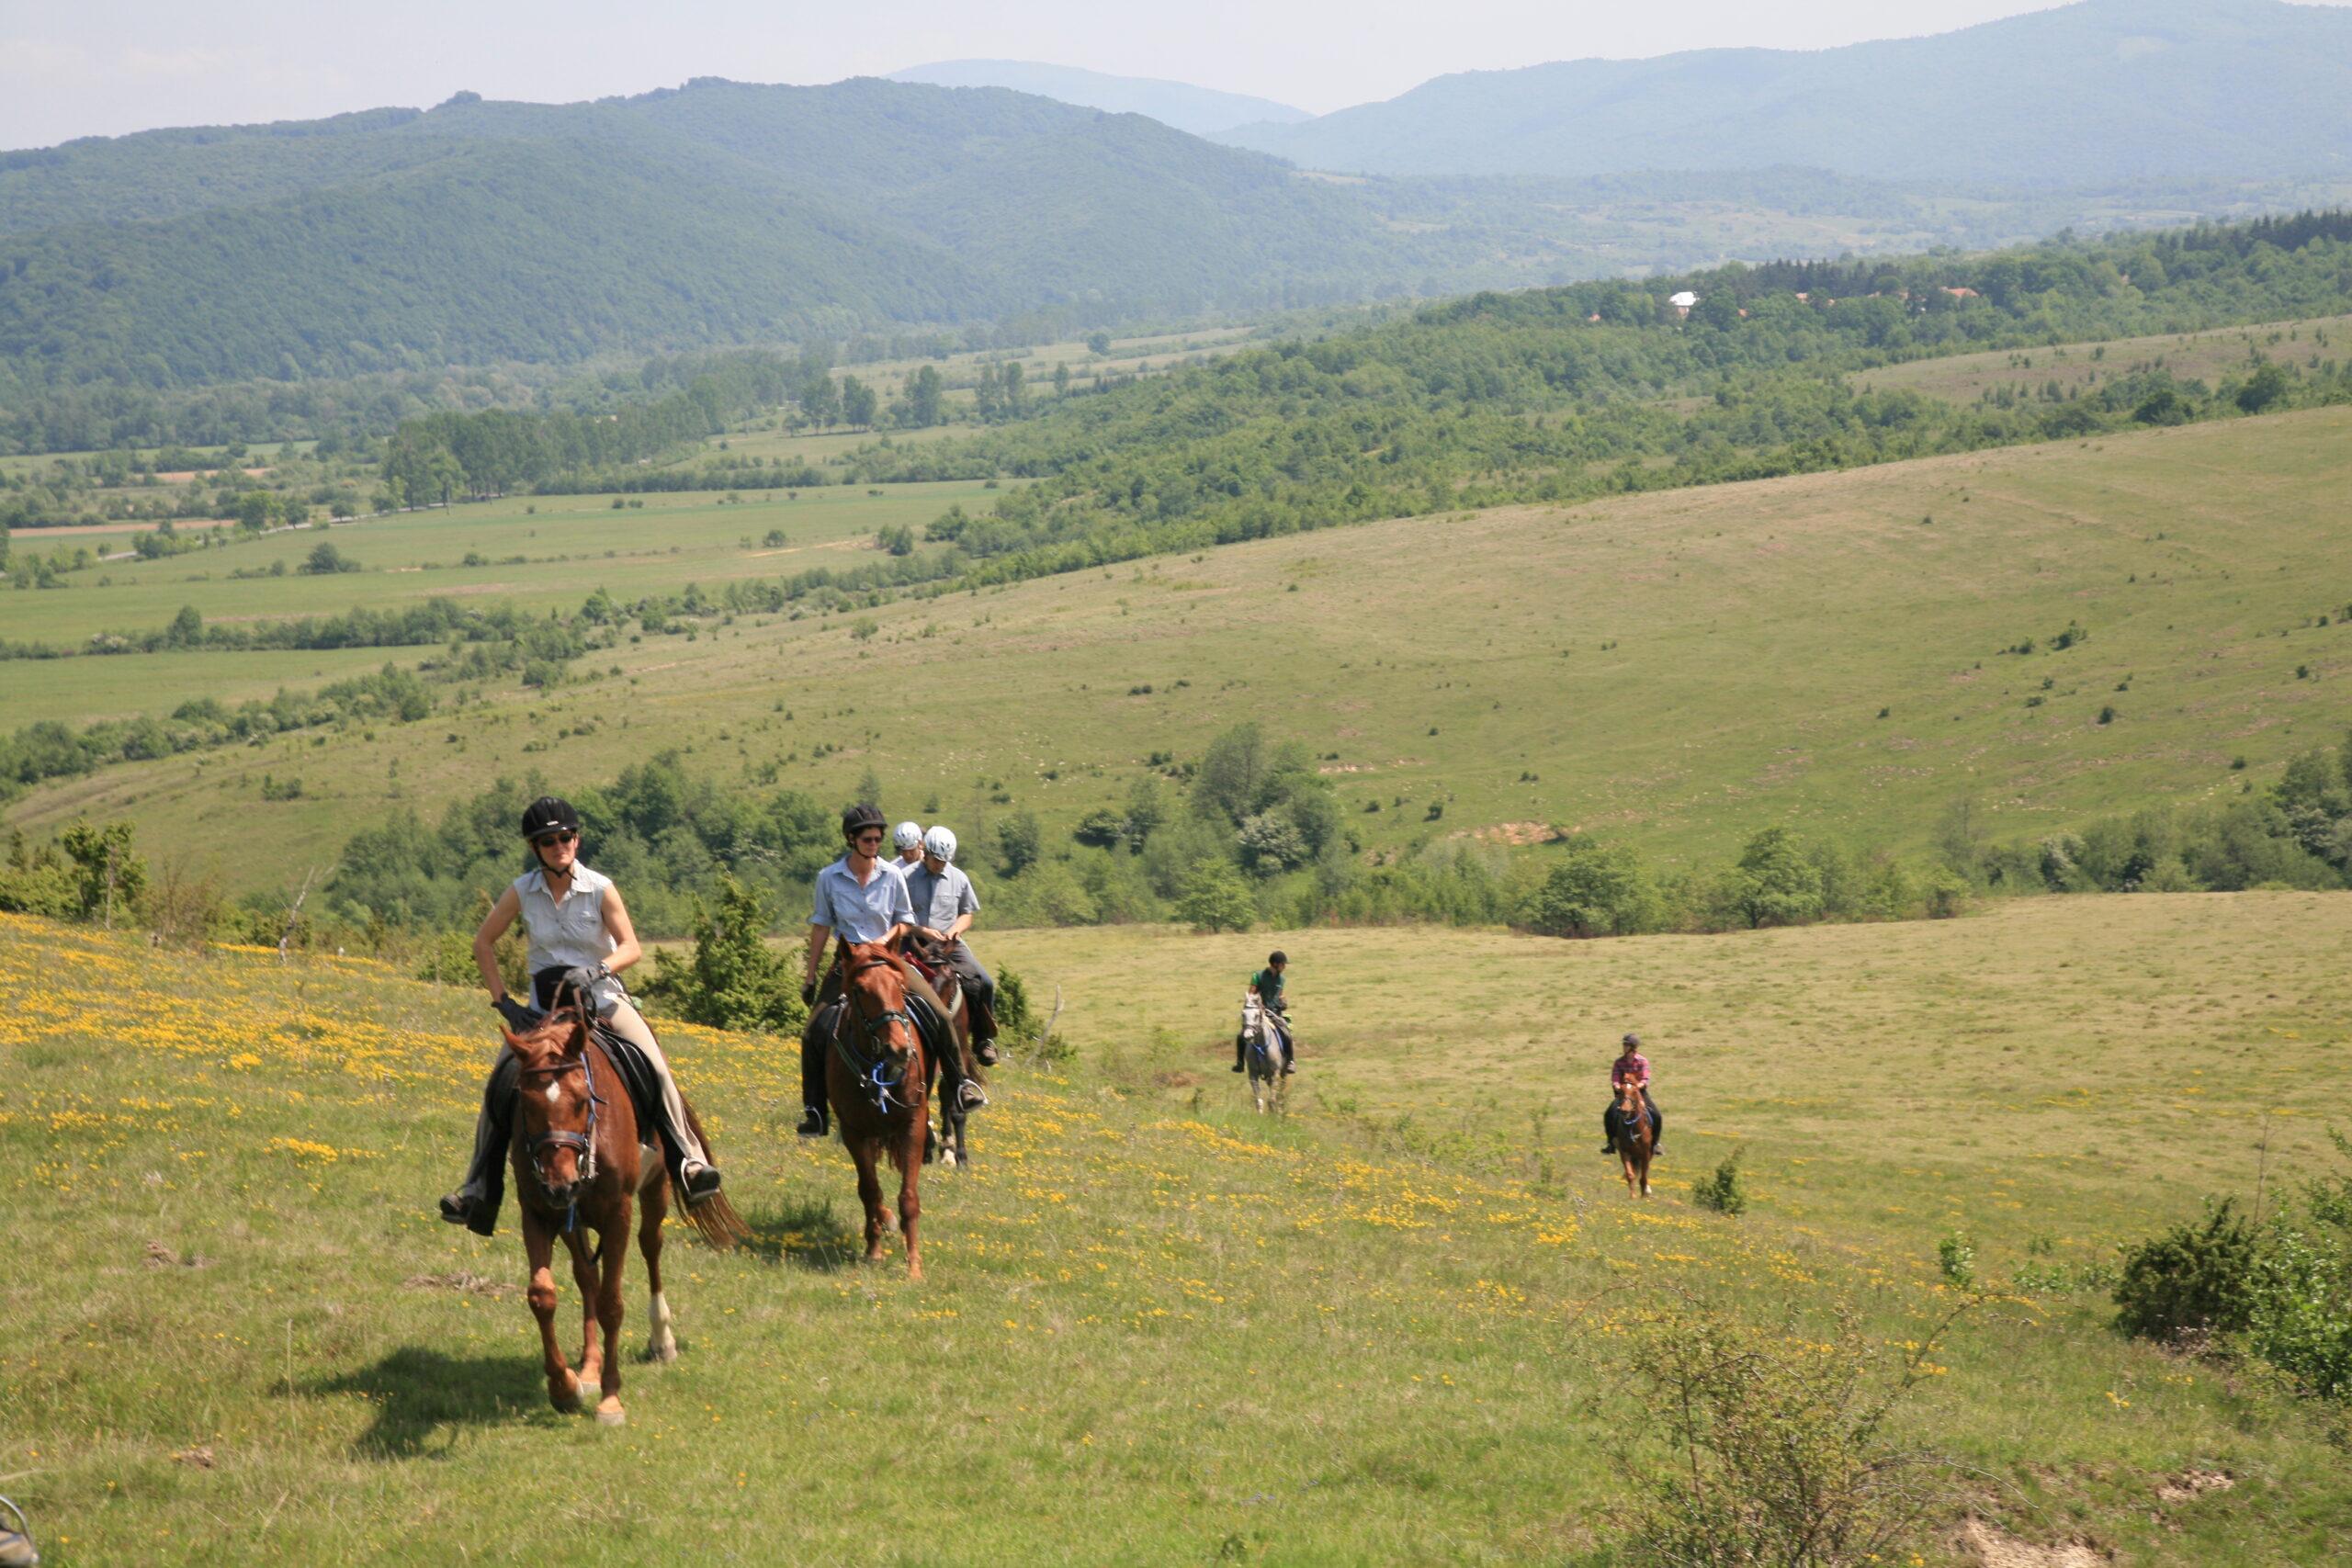 Paardrijden in en rond de Karpaten (Roemenië) - Vakantie te paard / Reisbureau Perla